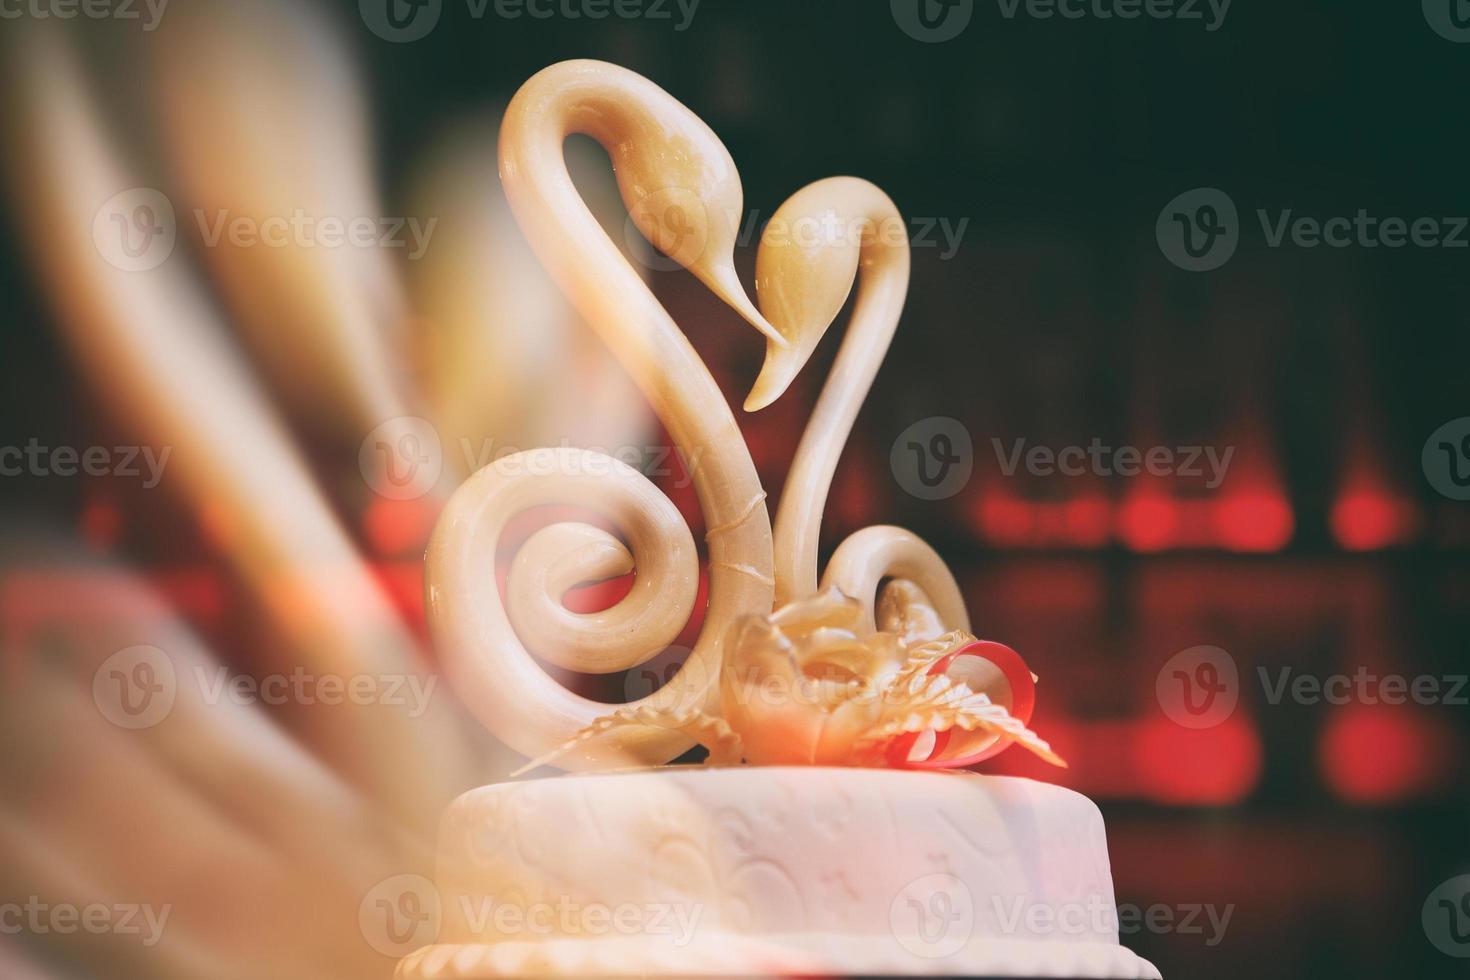 Karamellschwäne auf einer Hochzeitstorte foto